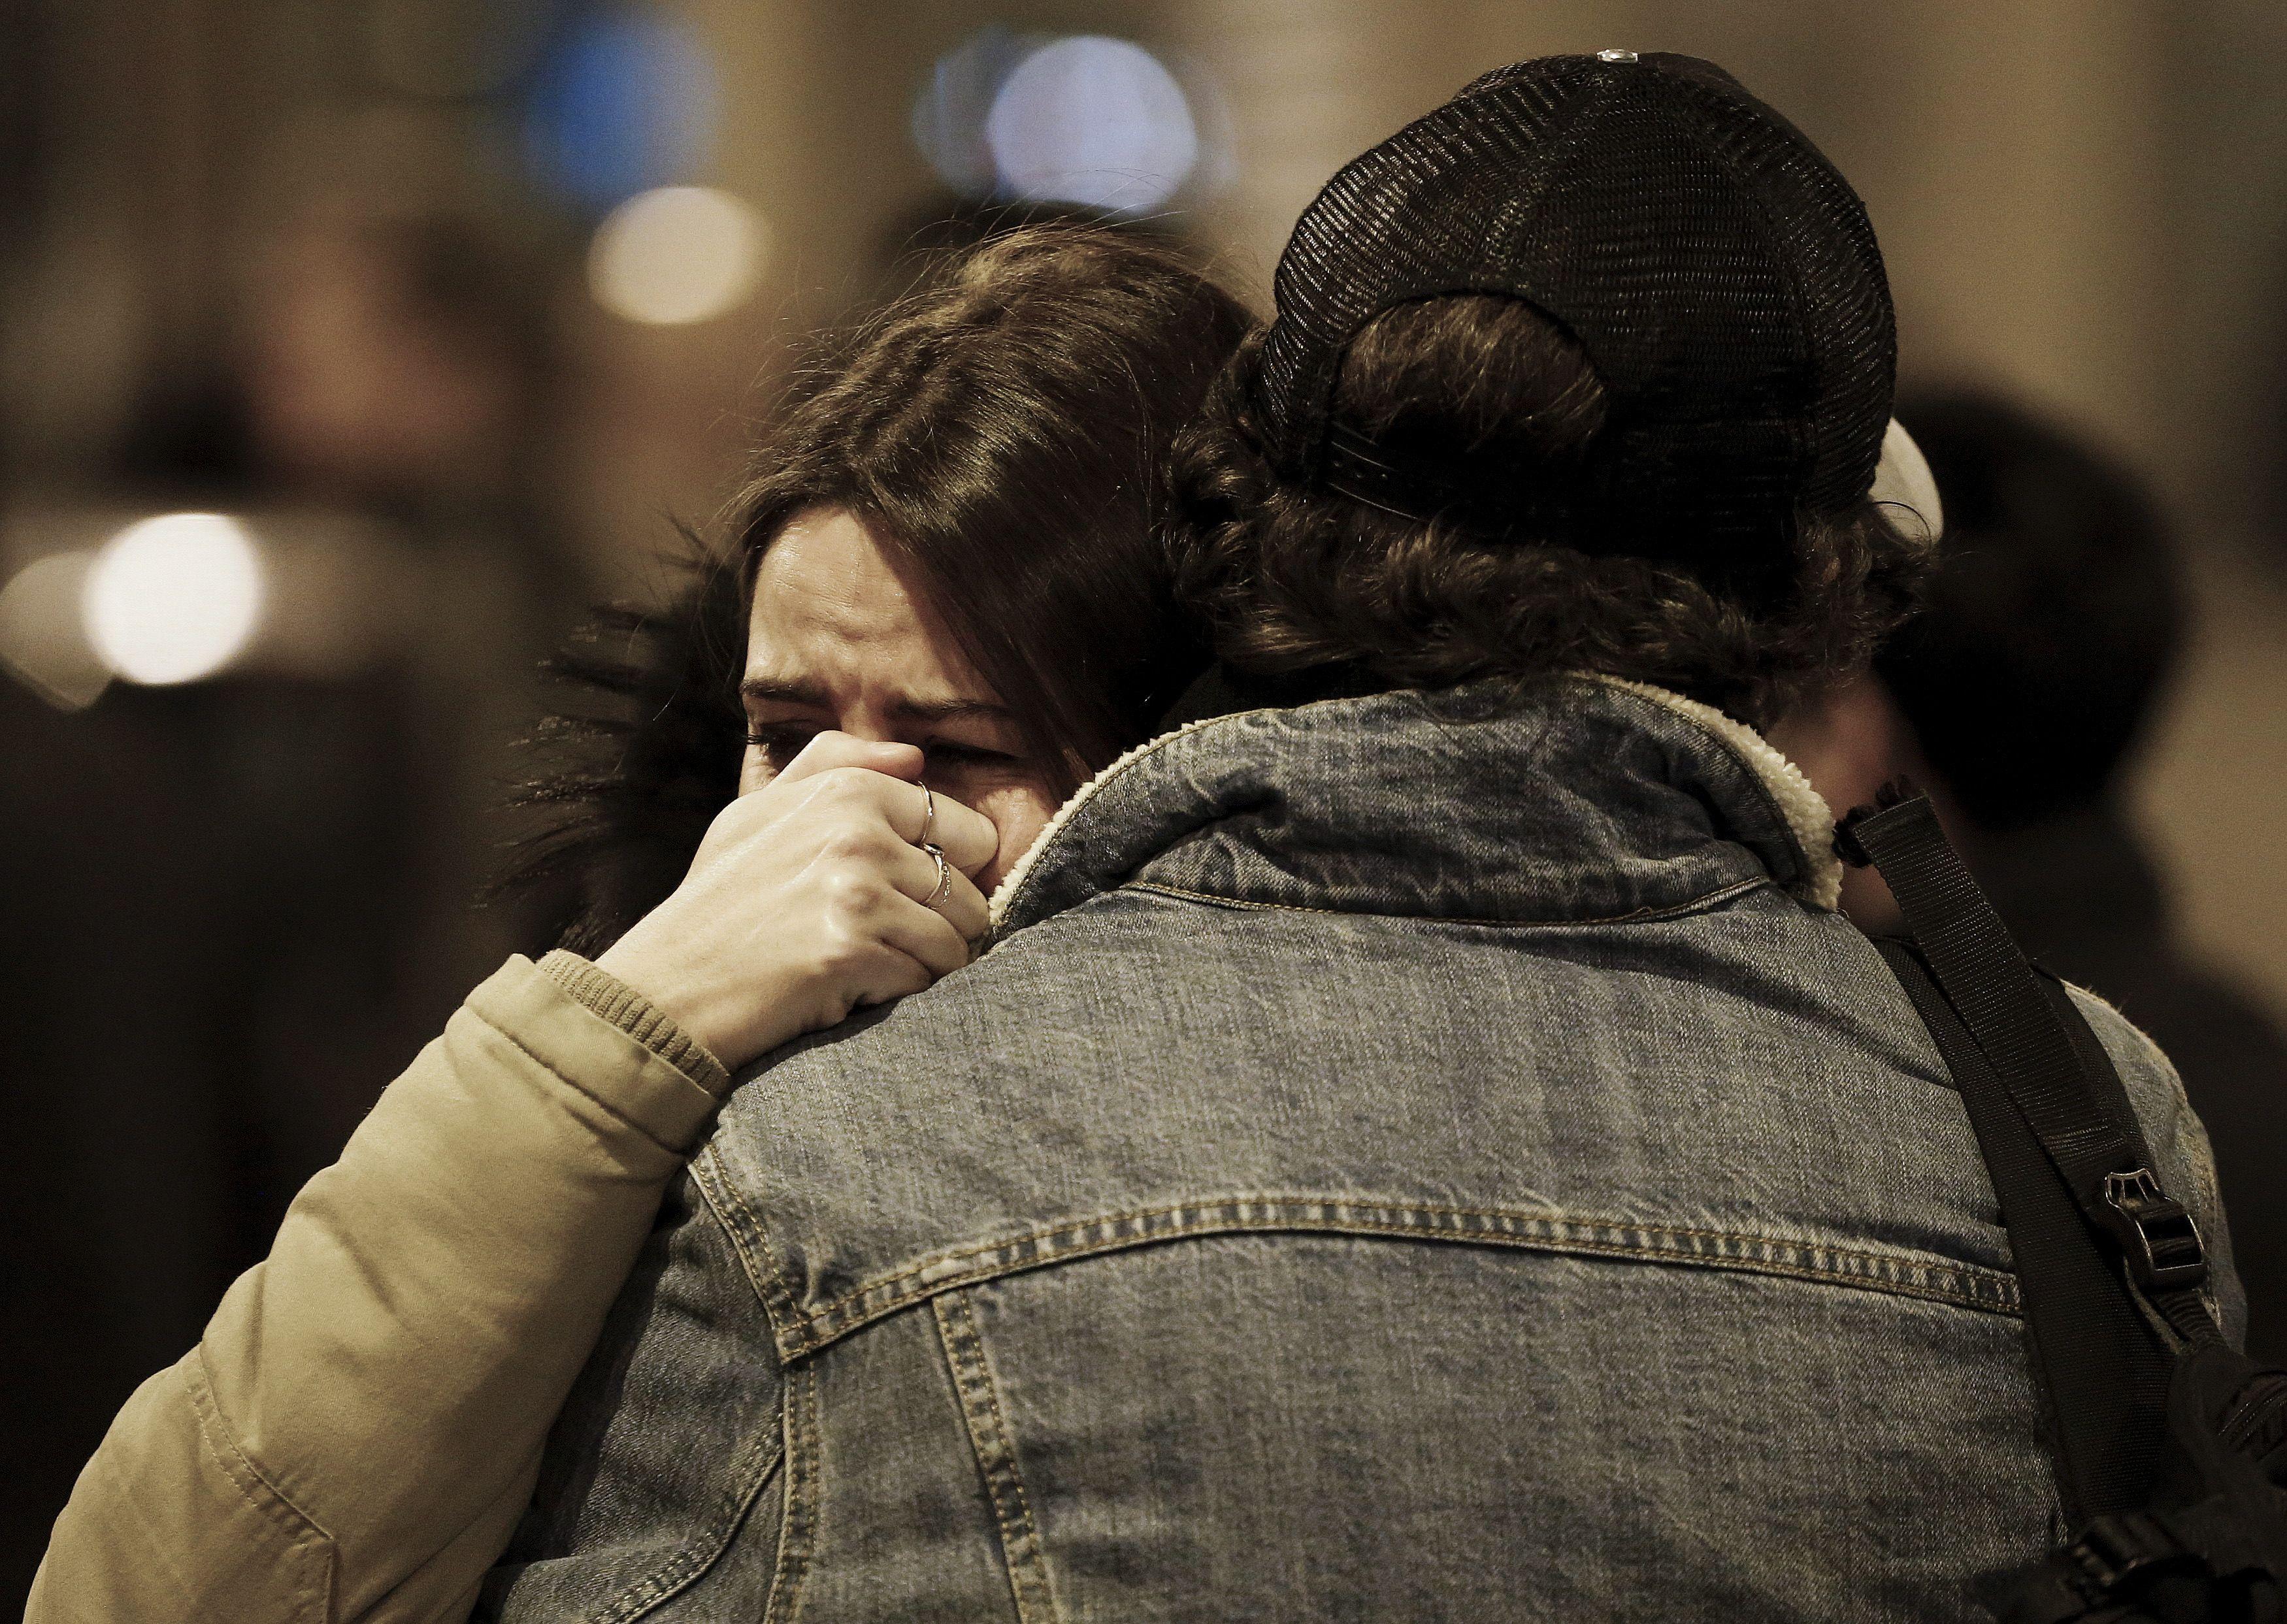 Nombreux sont les Français qui, devant leur télévision, peuvent tomber dans l'angoisse ou la dépression.